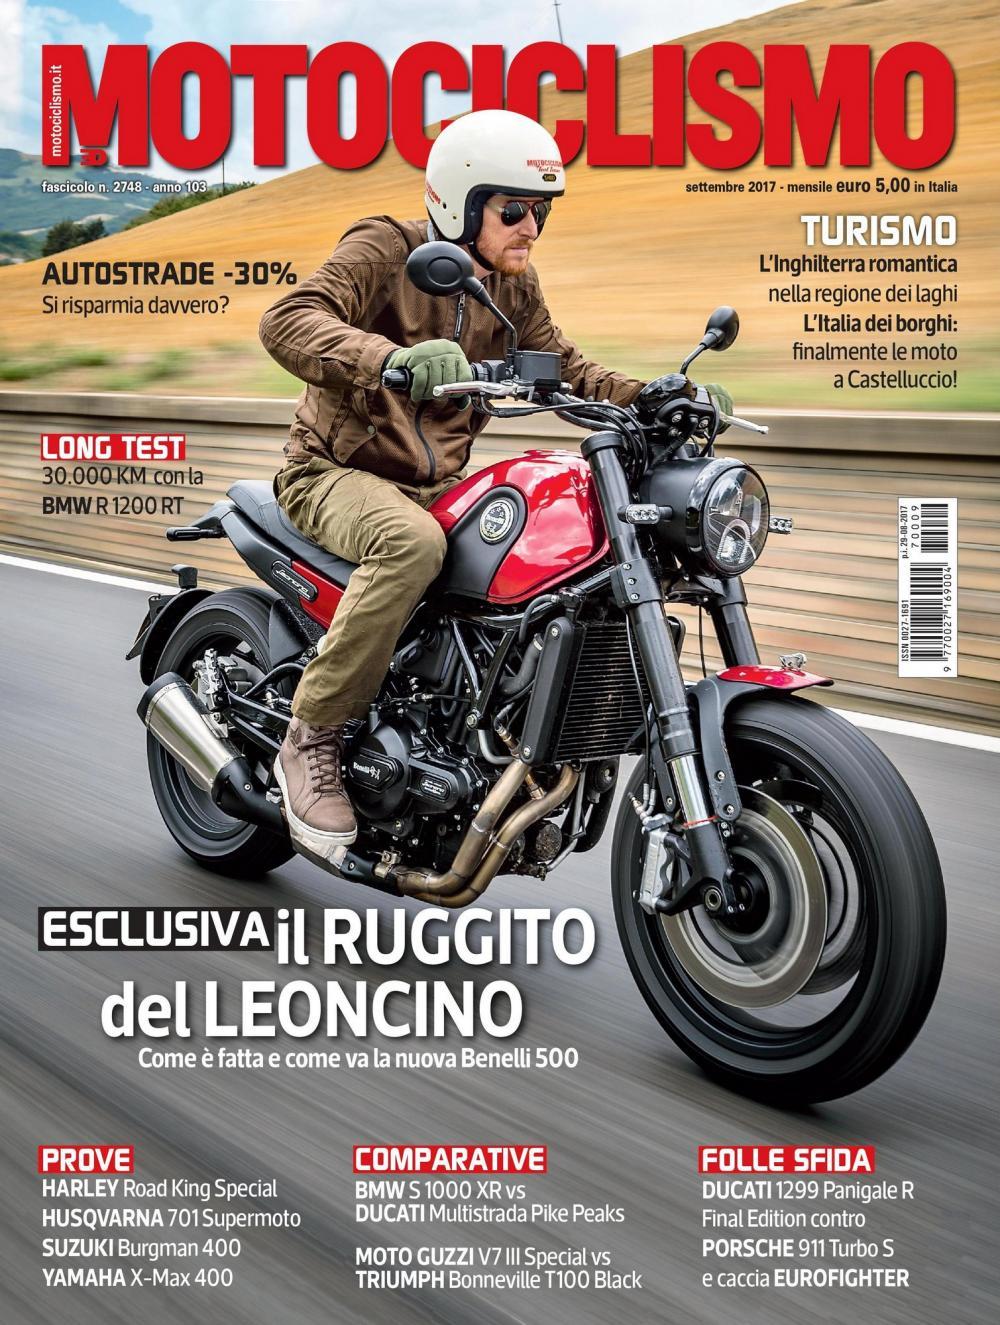 Motociclismo Di Settembre 2017 Nuovo Numero In Edicola